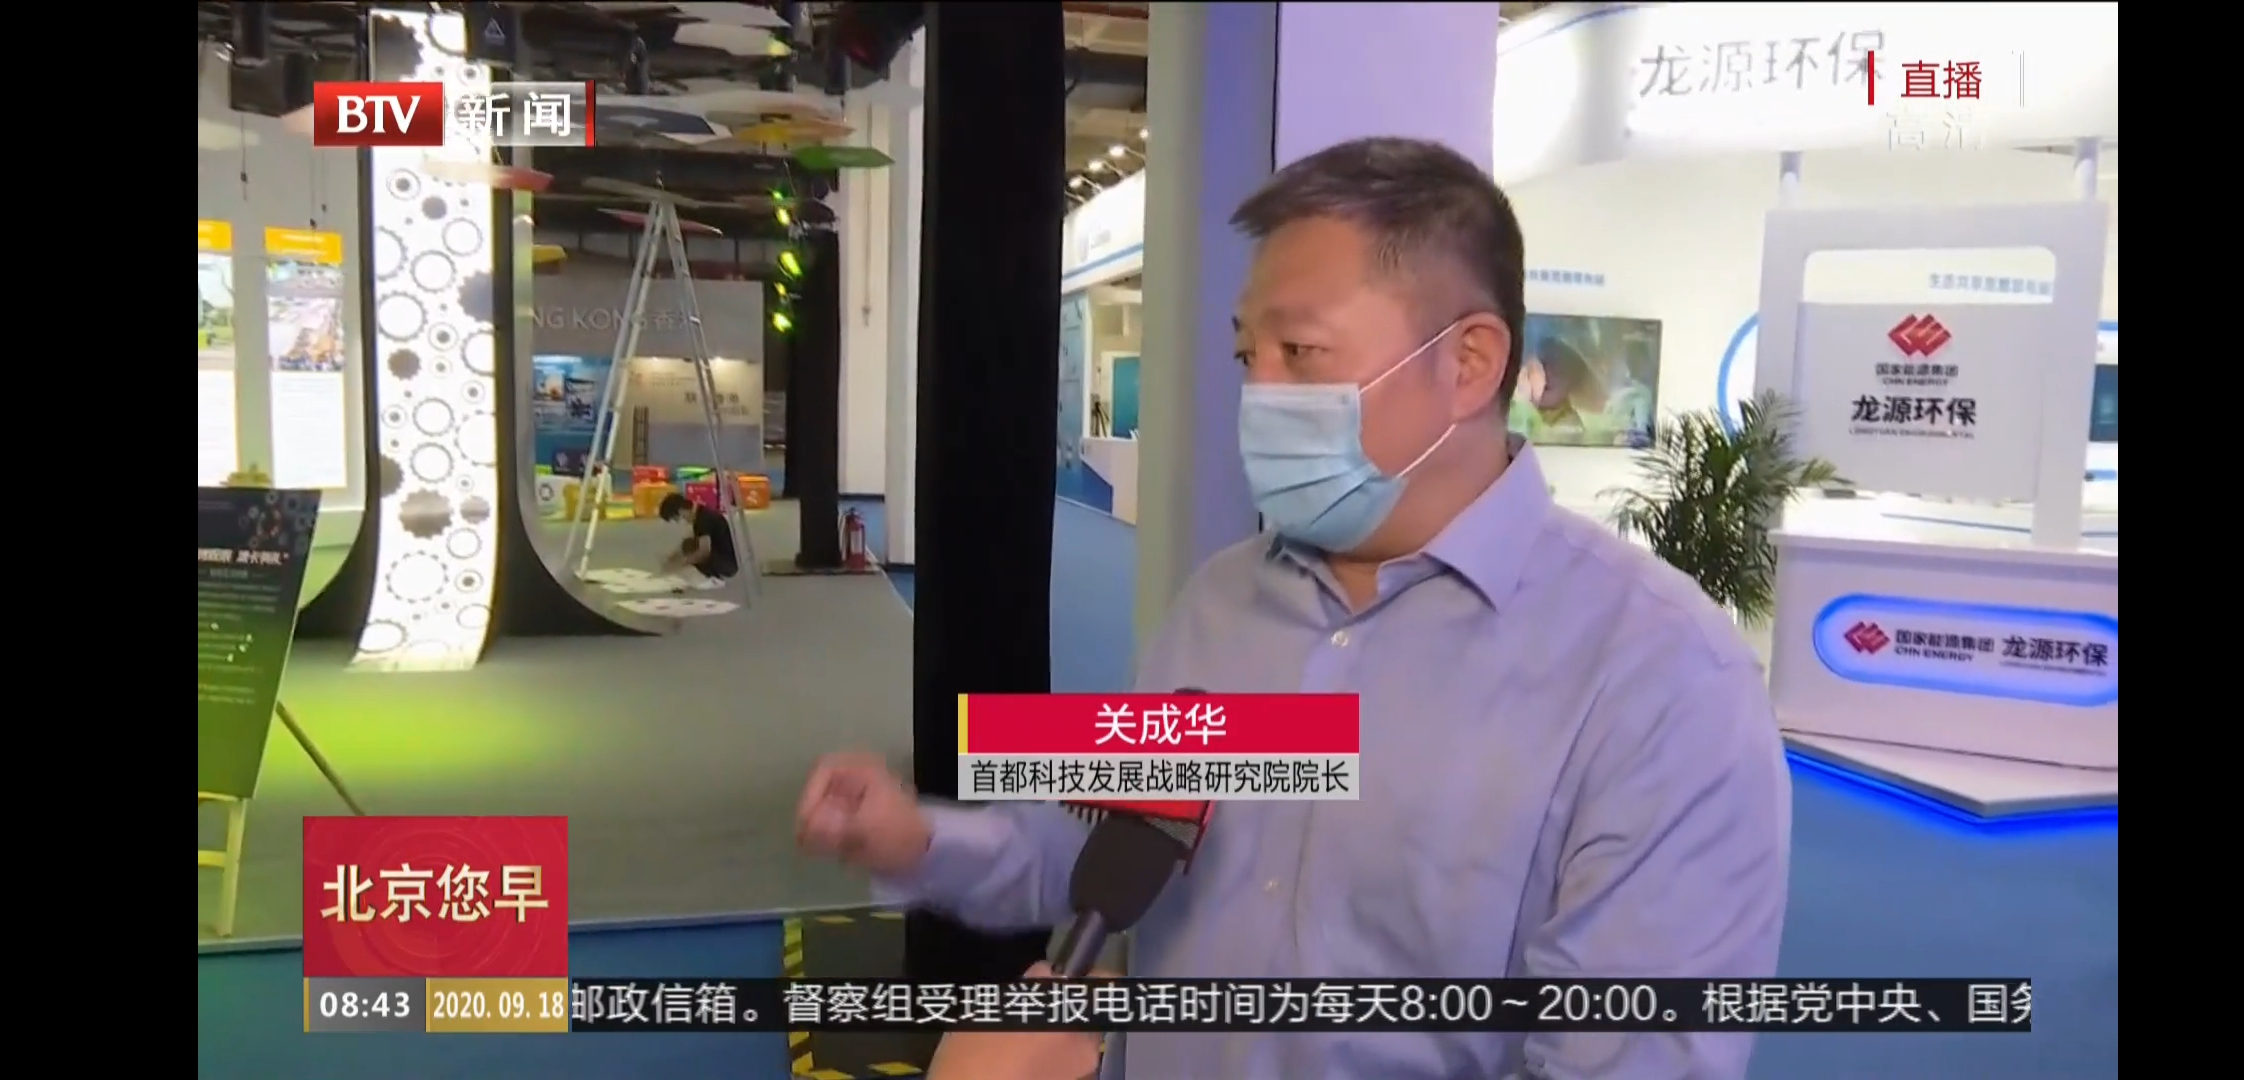 我司参与第二十三届中国北京国际科技产业博览会